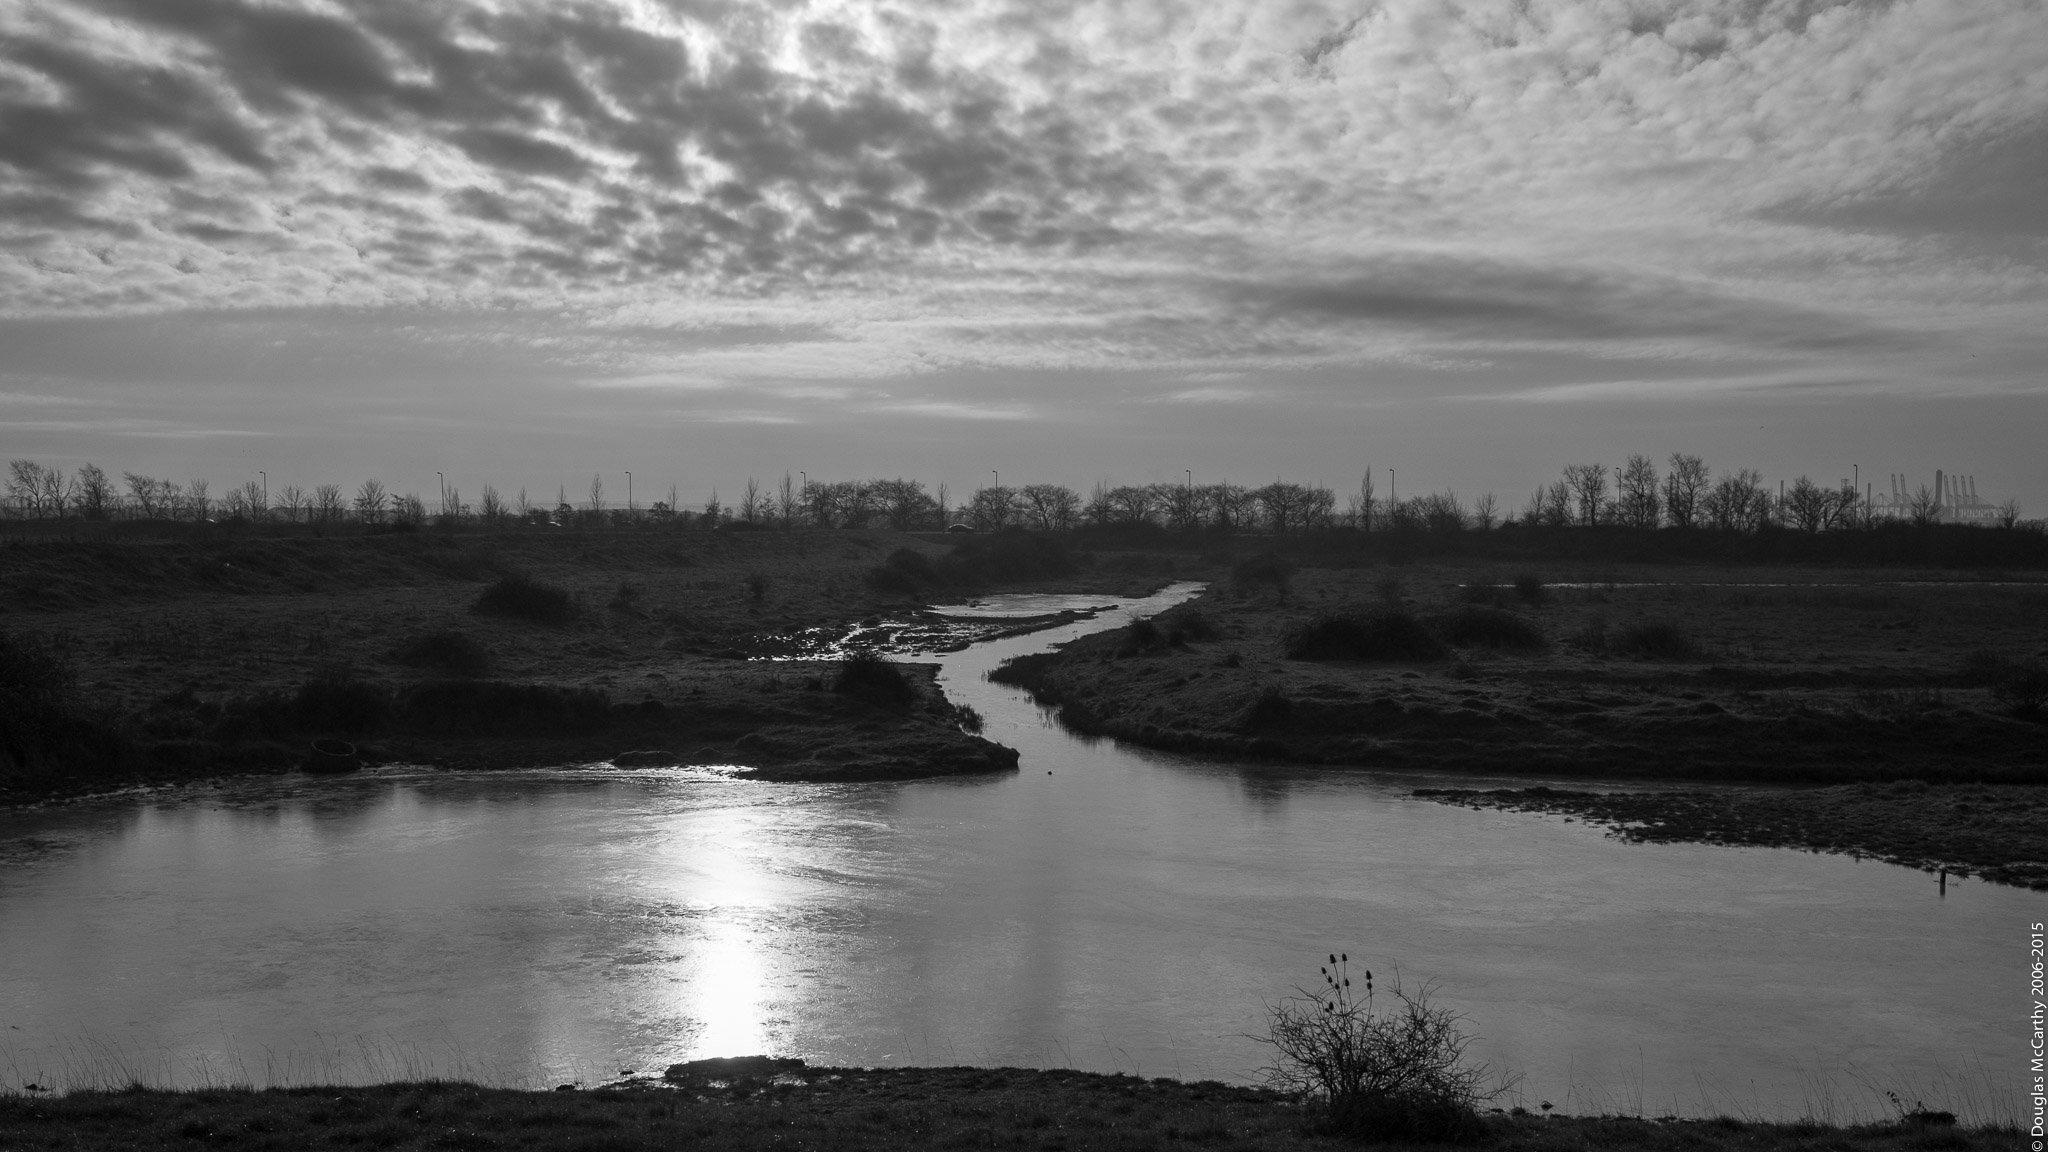 Benfleet Marshes